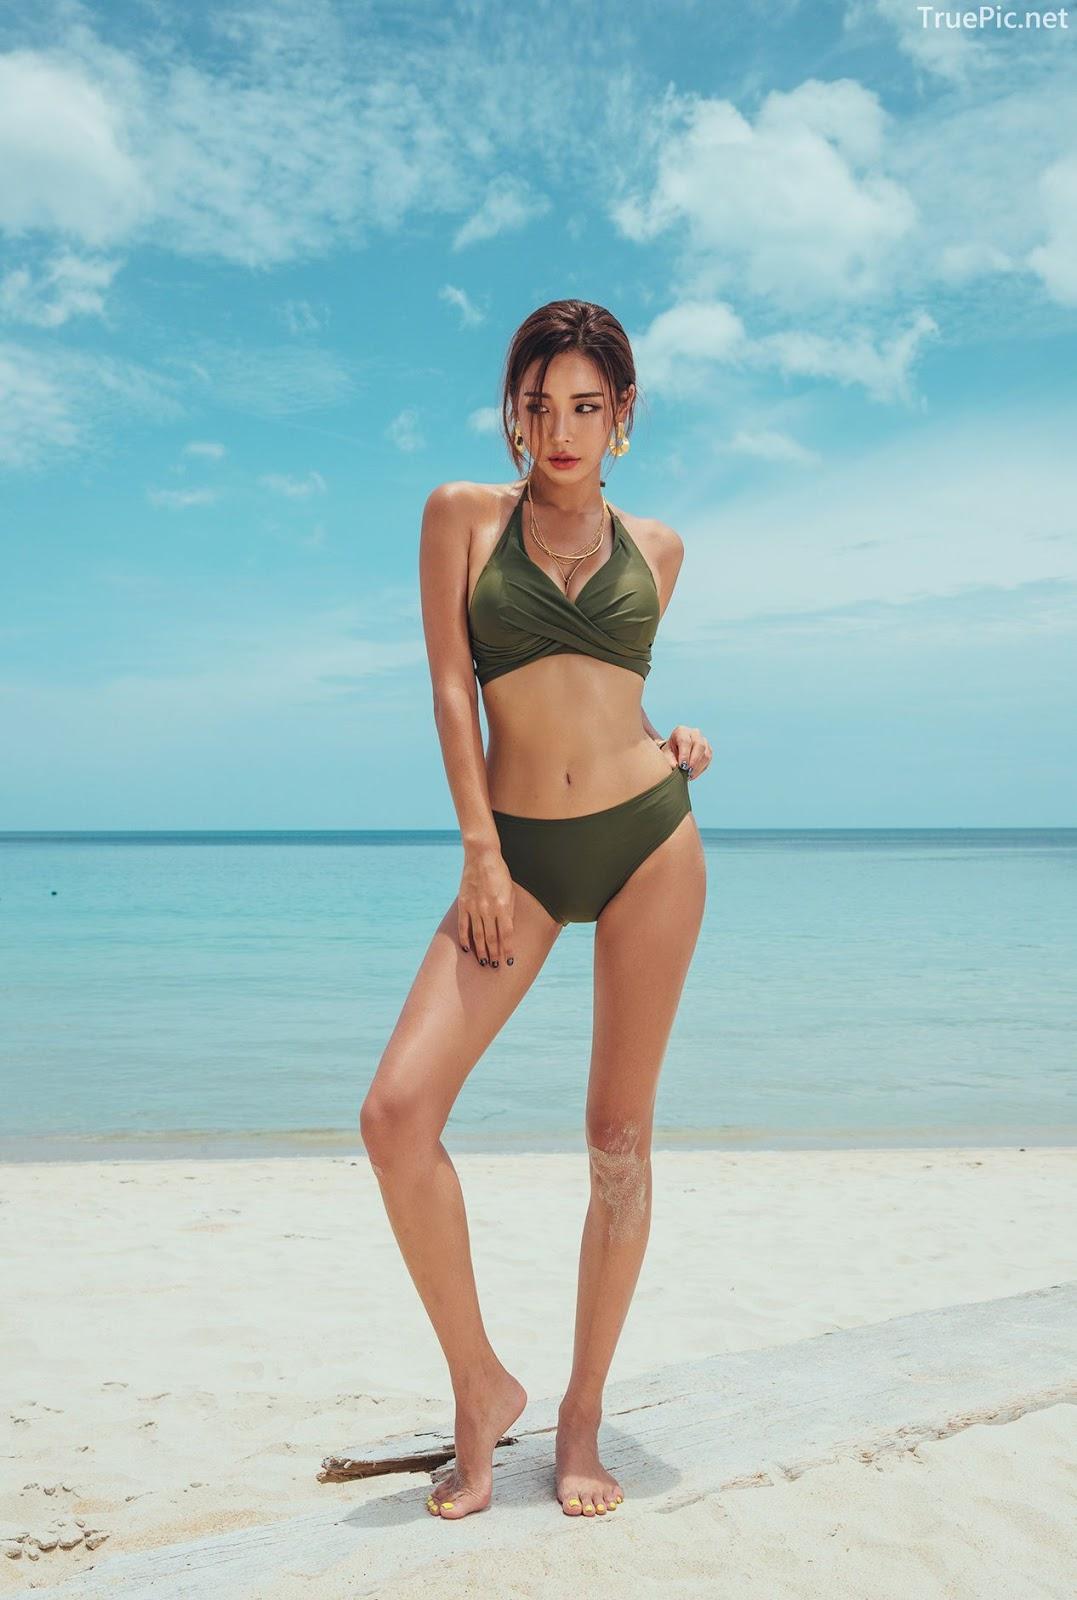 Park Da Hyun - Le Monde Bikini - Korean model and fashion - Picture 2